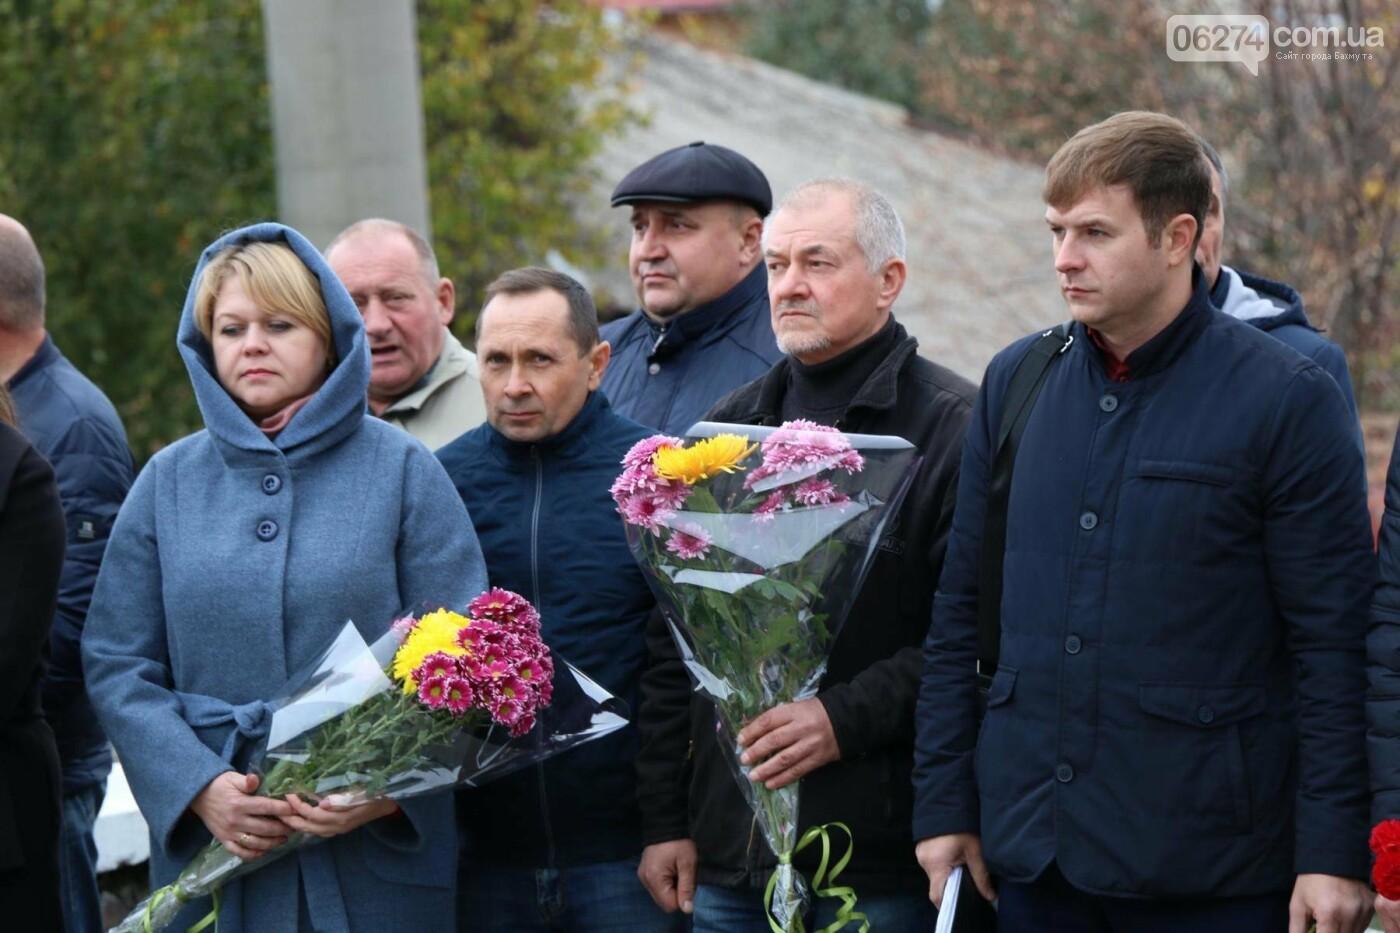 В Бахмуте отметили День освобождения Украины от фашистских захватчиков, фото-2